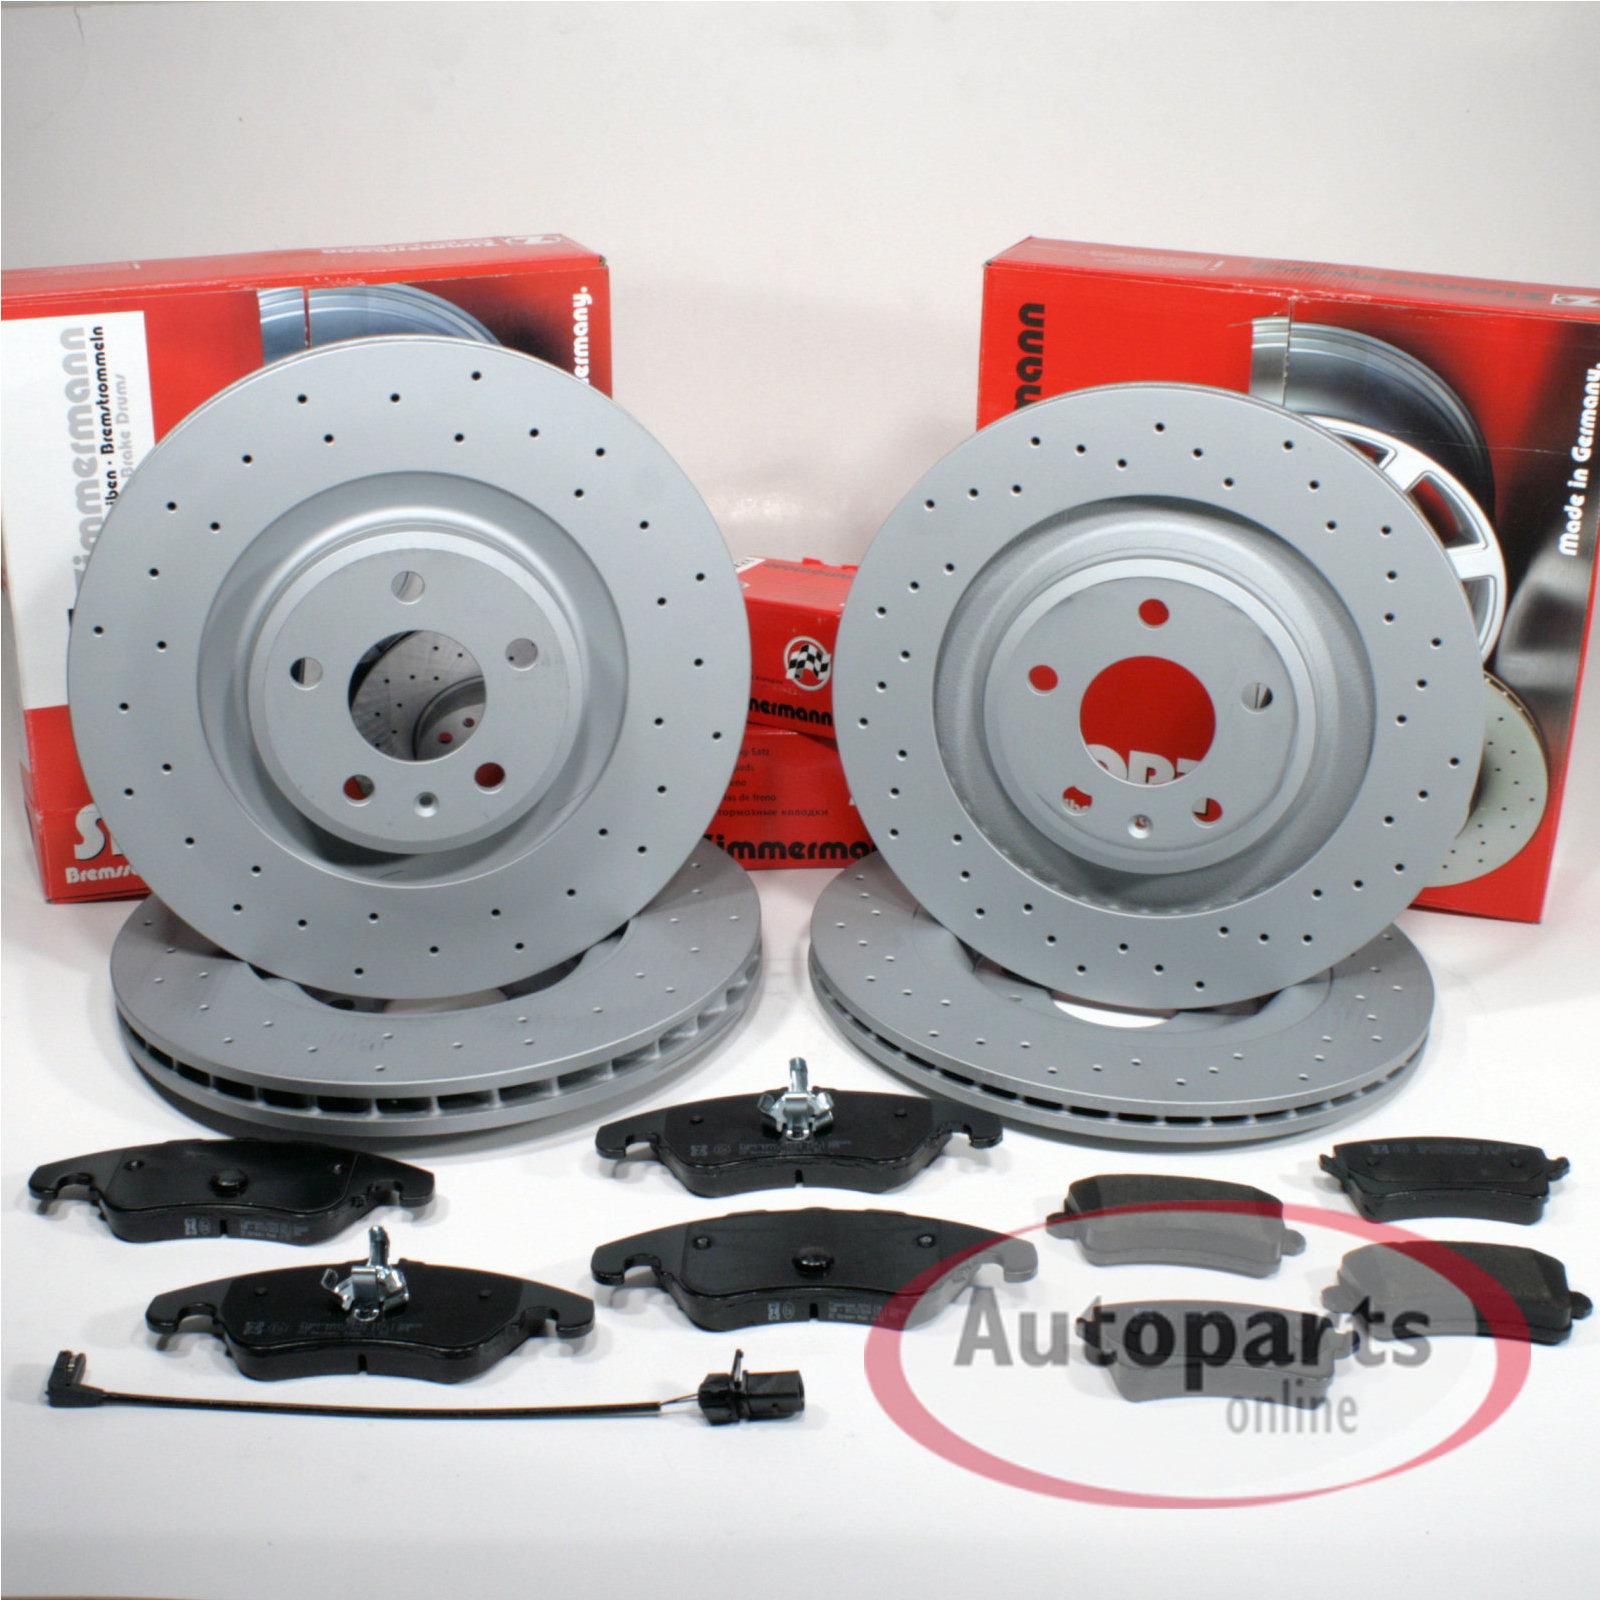 Audi A4 B8 Zimmermann Bremsbeläge Bremsklötze für vorne die Vorderachse